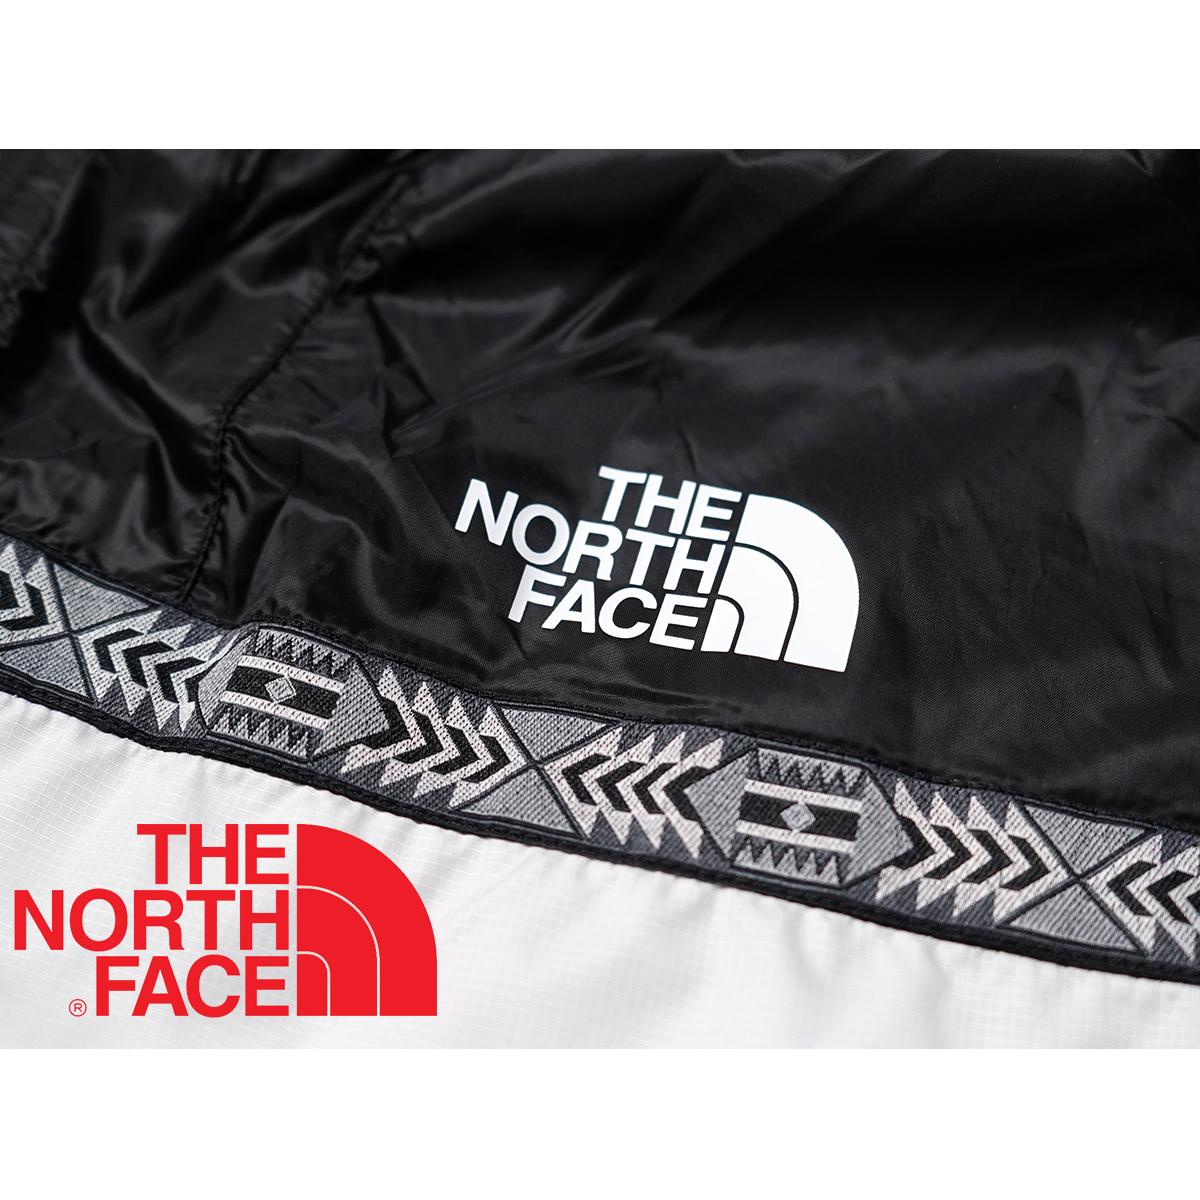 【新品本物 USA購入】THE NORTH FACE ノースフェイス ■ RAGE CYCLONE 2.0 JACKET ■ ホワイトブラック / L ■レイジ 撥水加工 海外限定_画像3